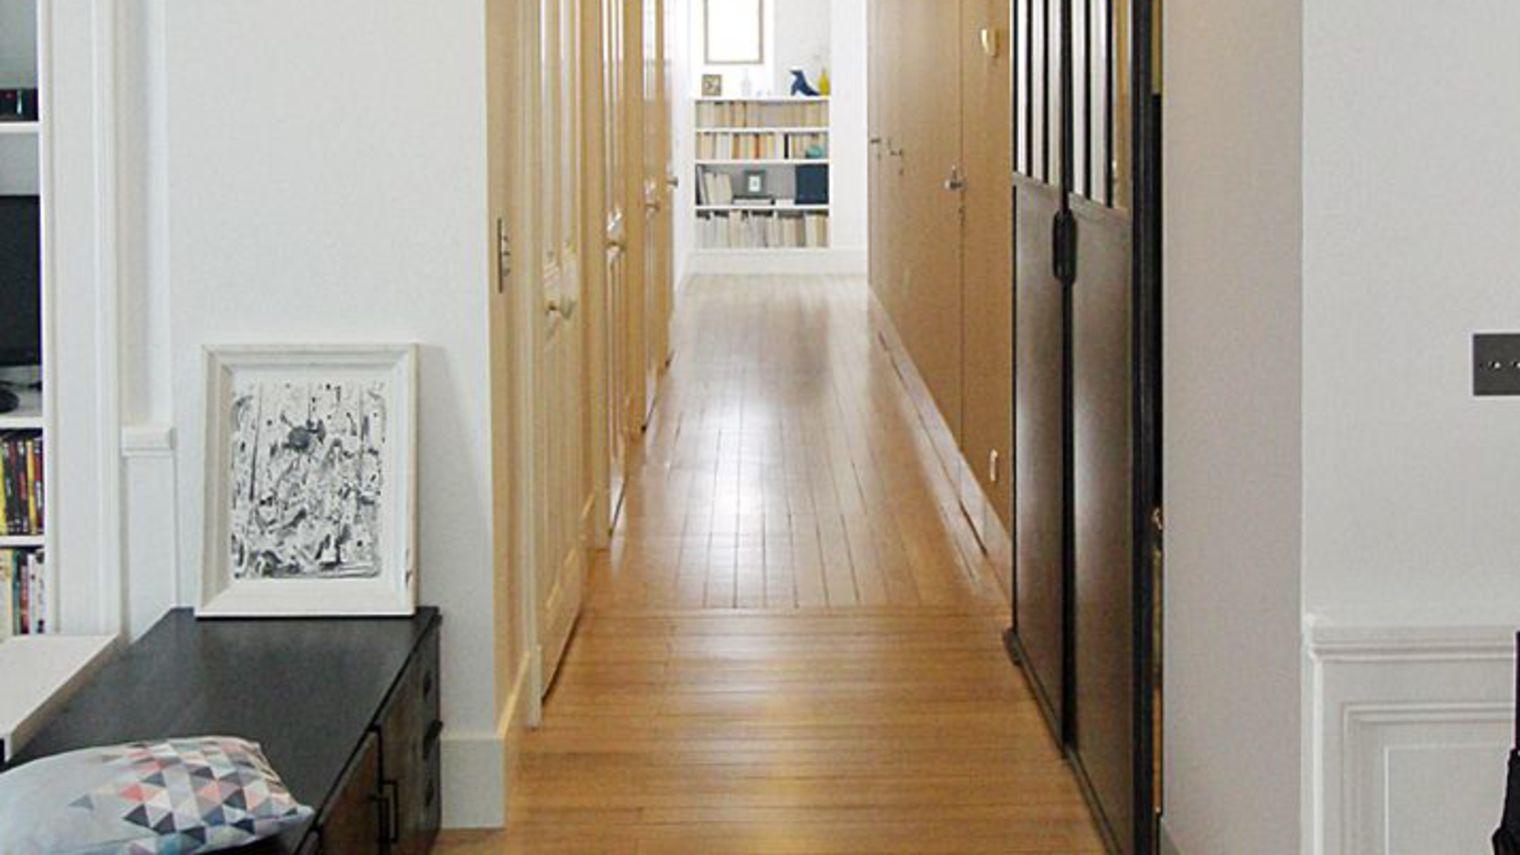 Decoration de couloir d appartement - Menuiserie